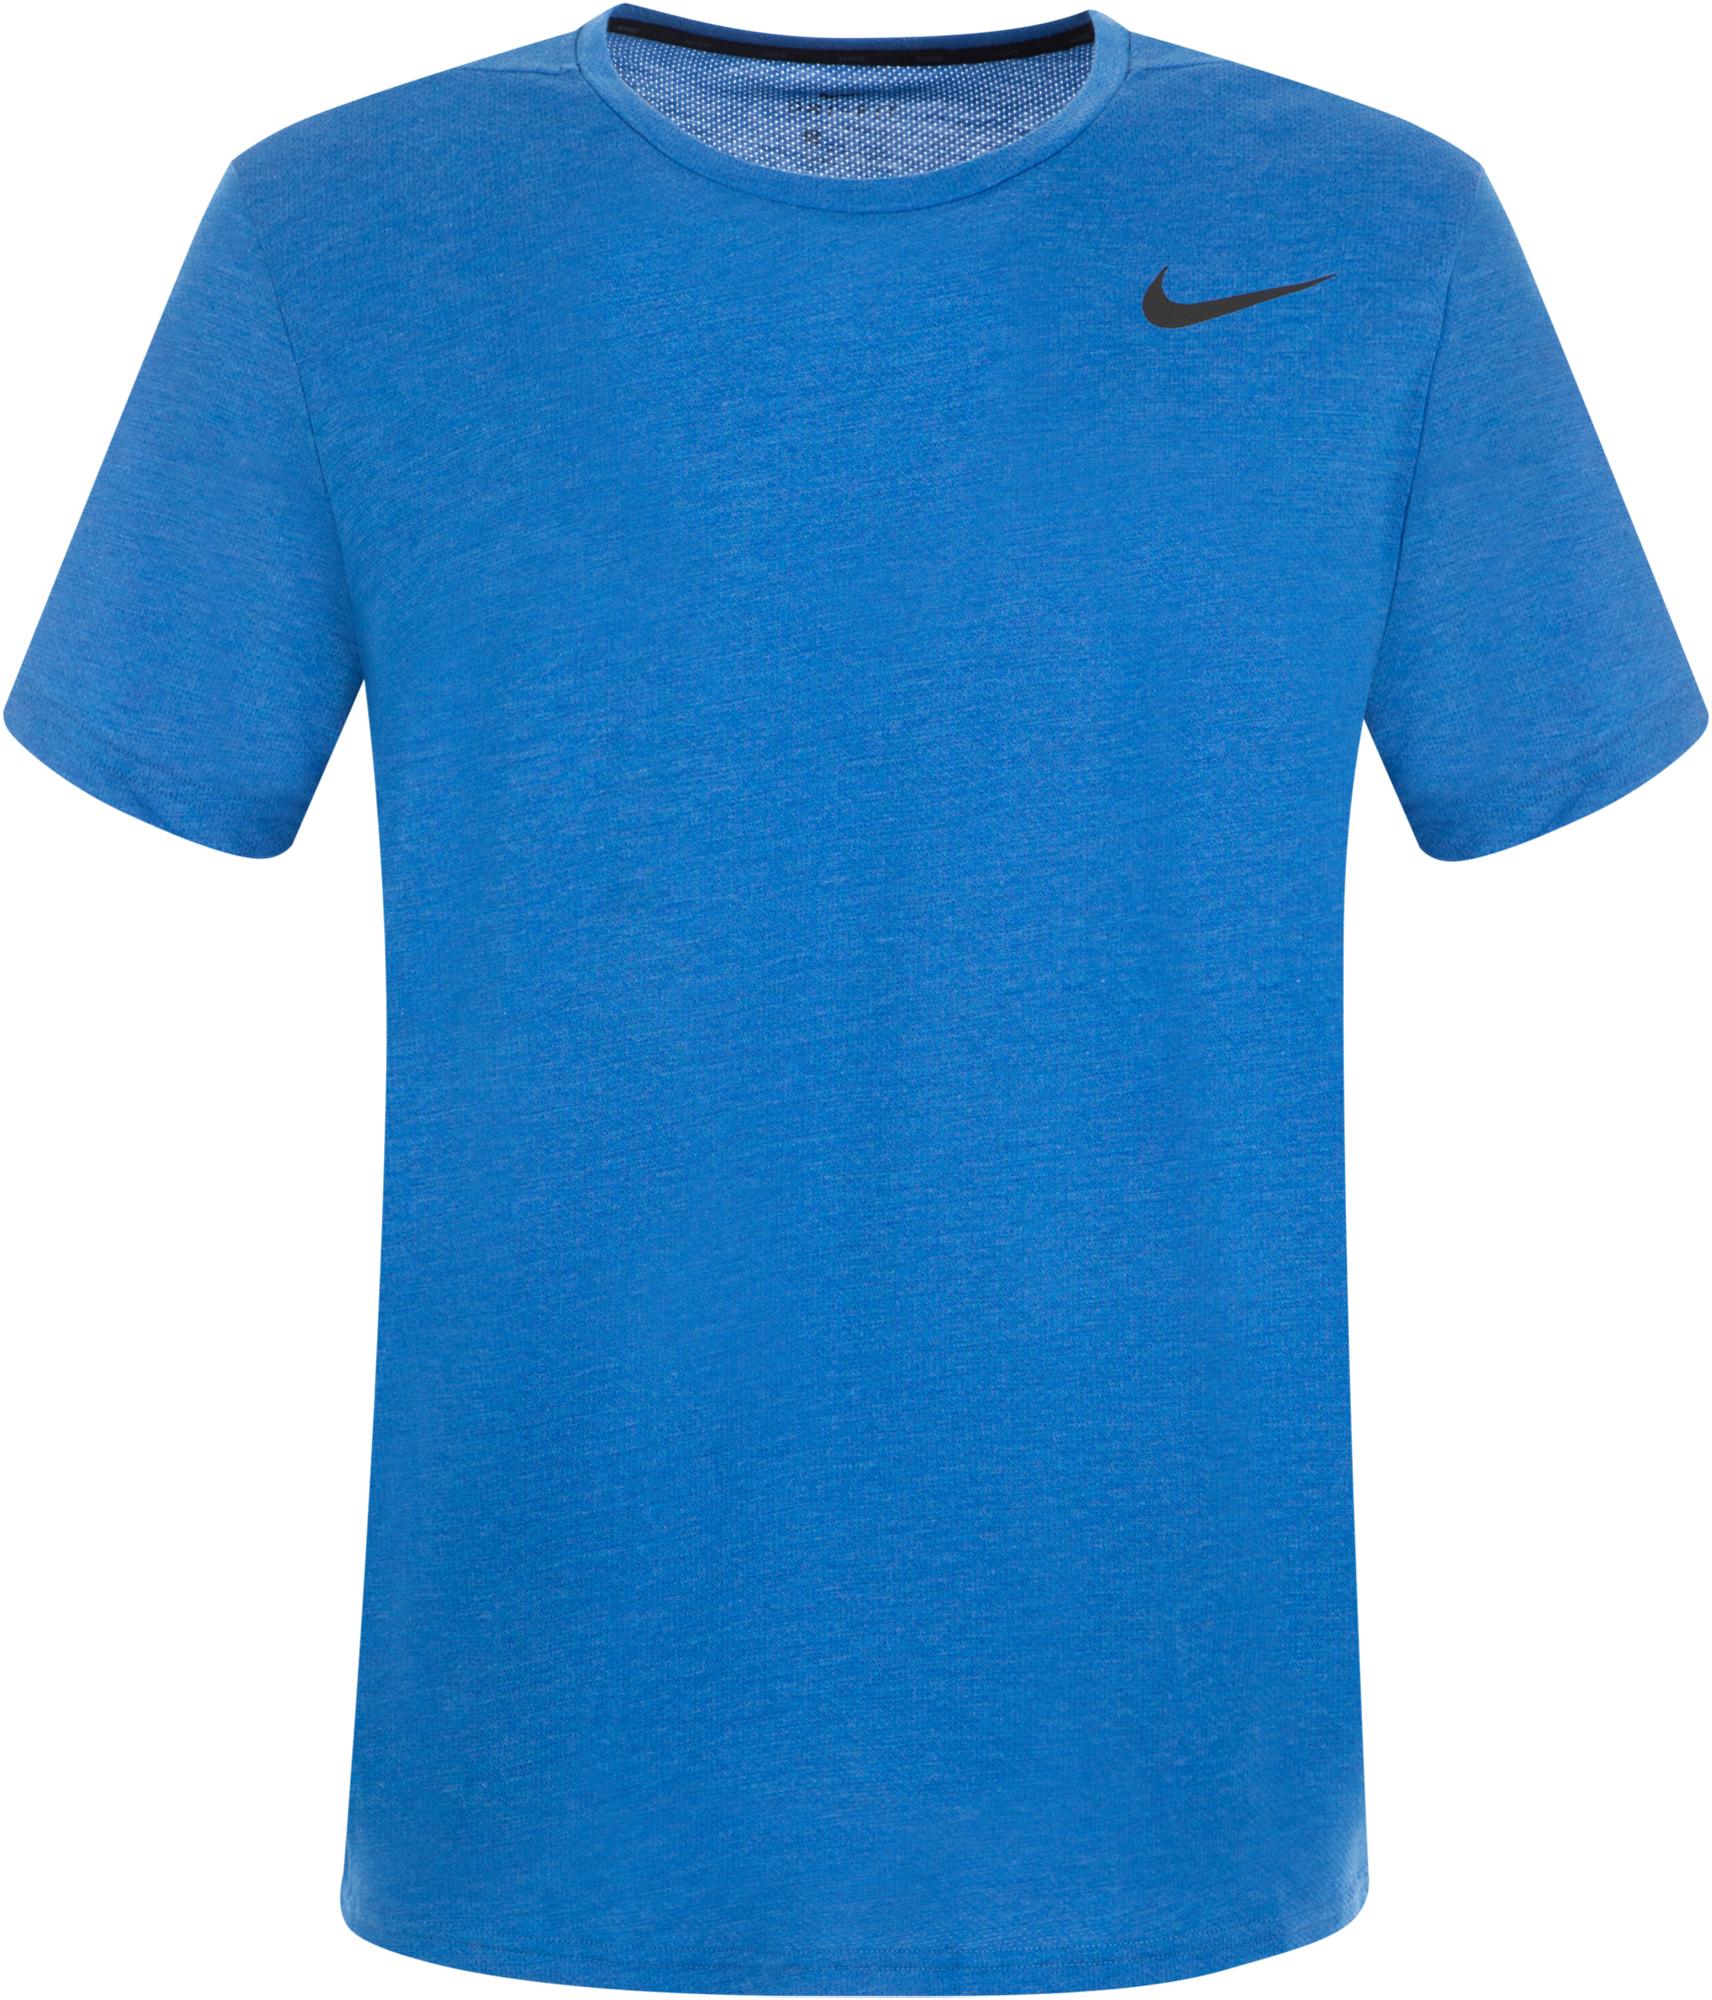 Nike Футболка мужская Nike Dri-FIT Breathe, размер 52-54 nike футболка мужская nike cool miler